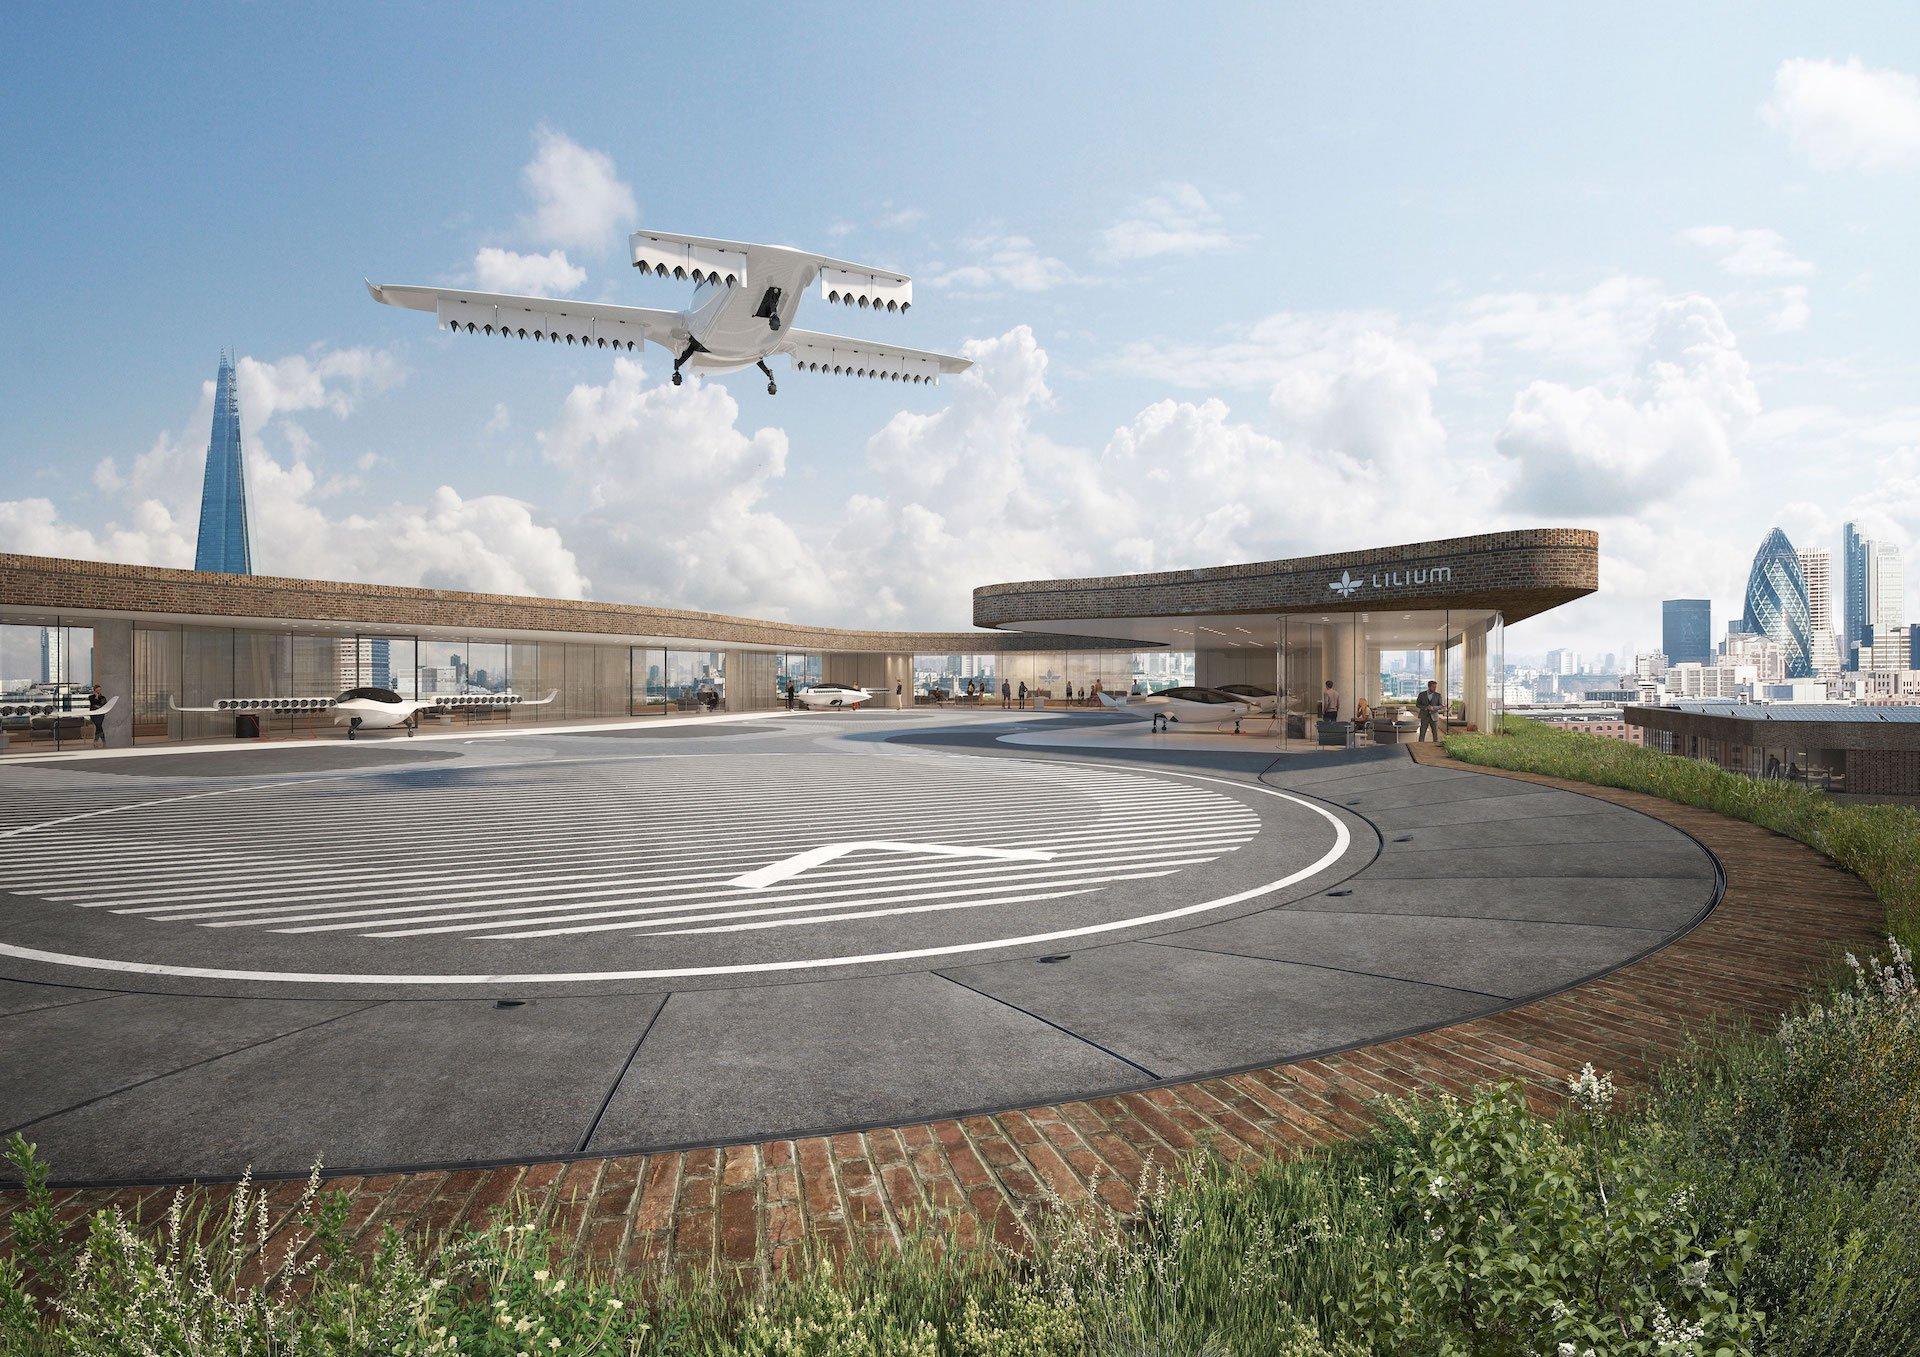 Koncept létajících taxi Lilium